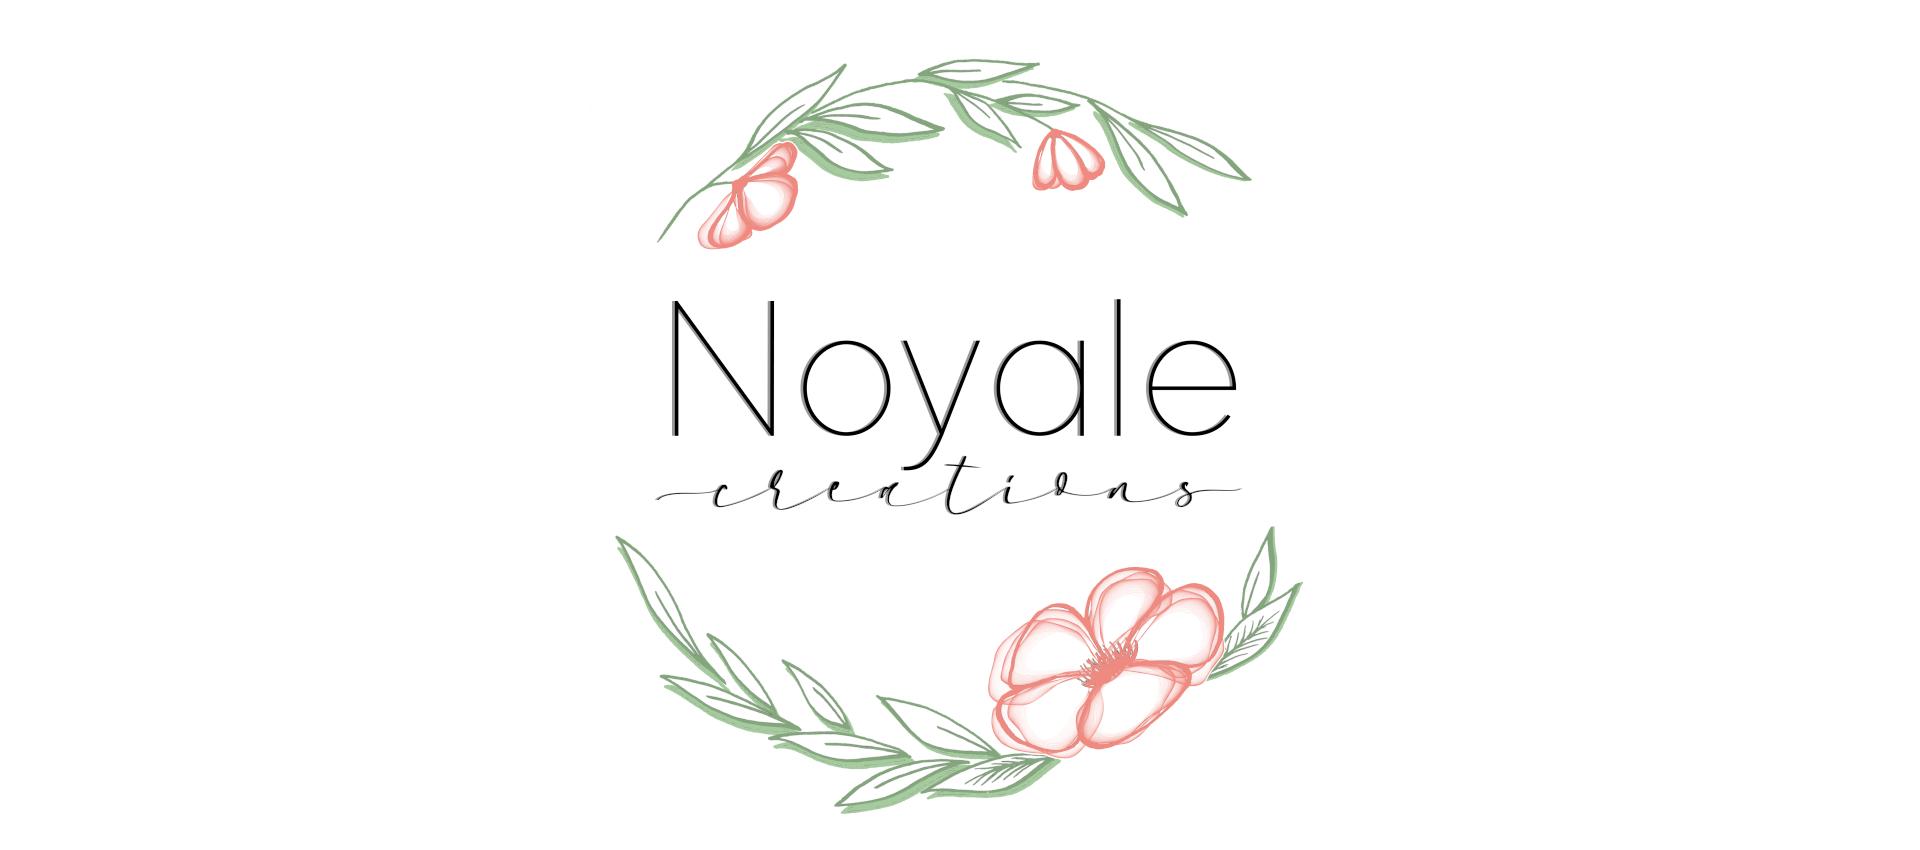 Noyale-Créations : Créations textiles utiles, jolies et durables pour toute la famille et la maison